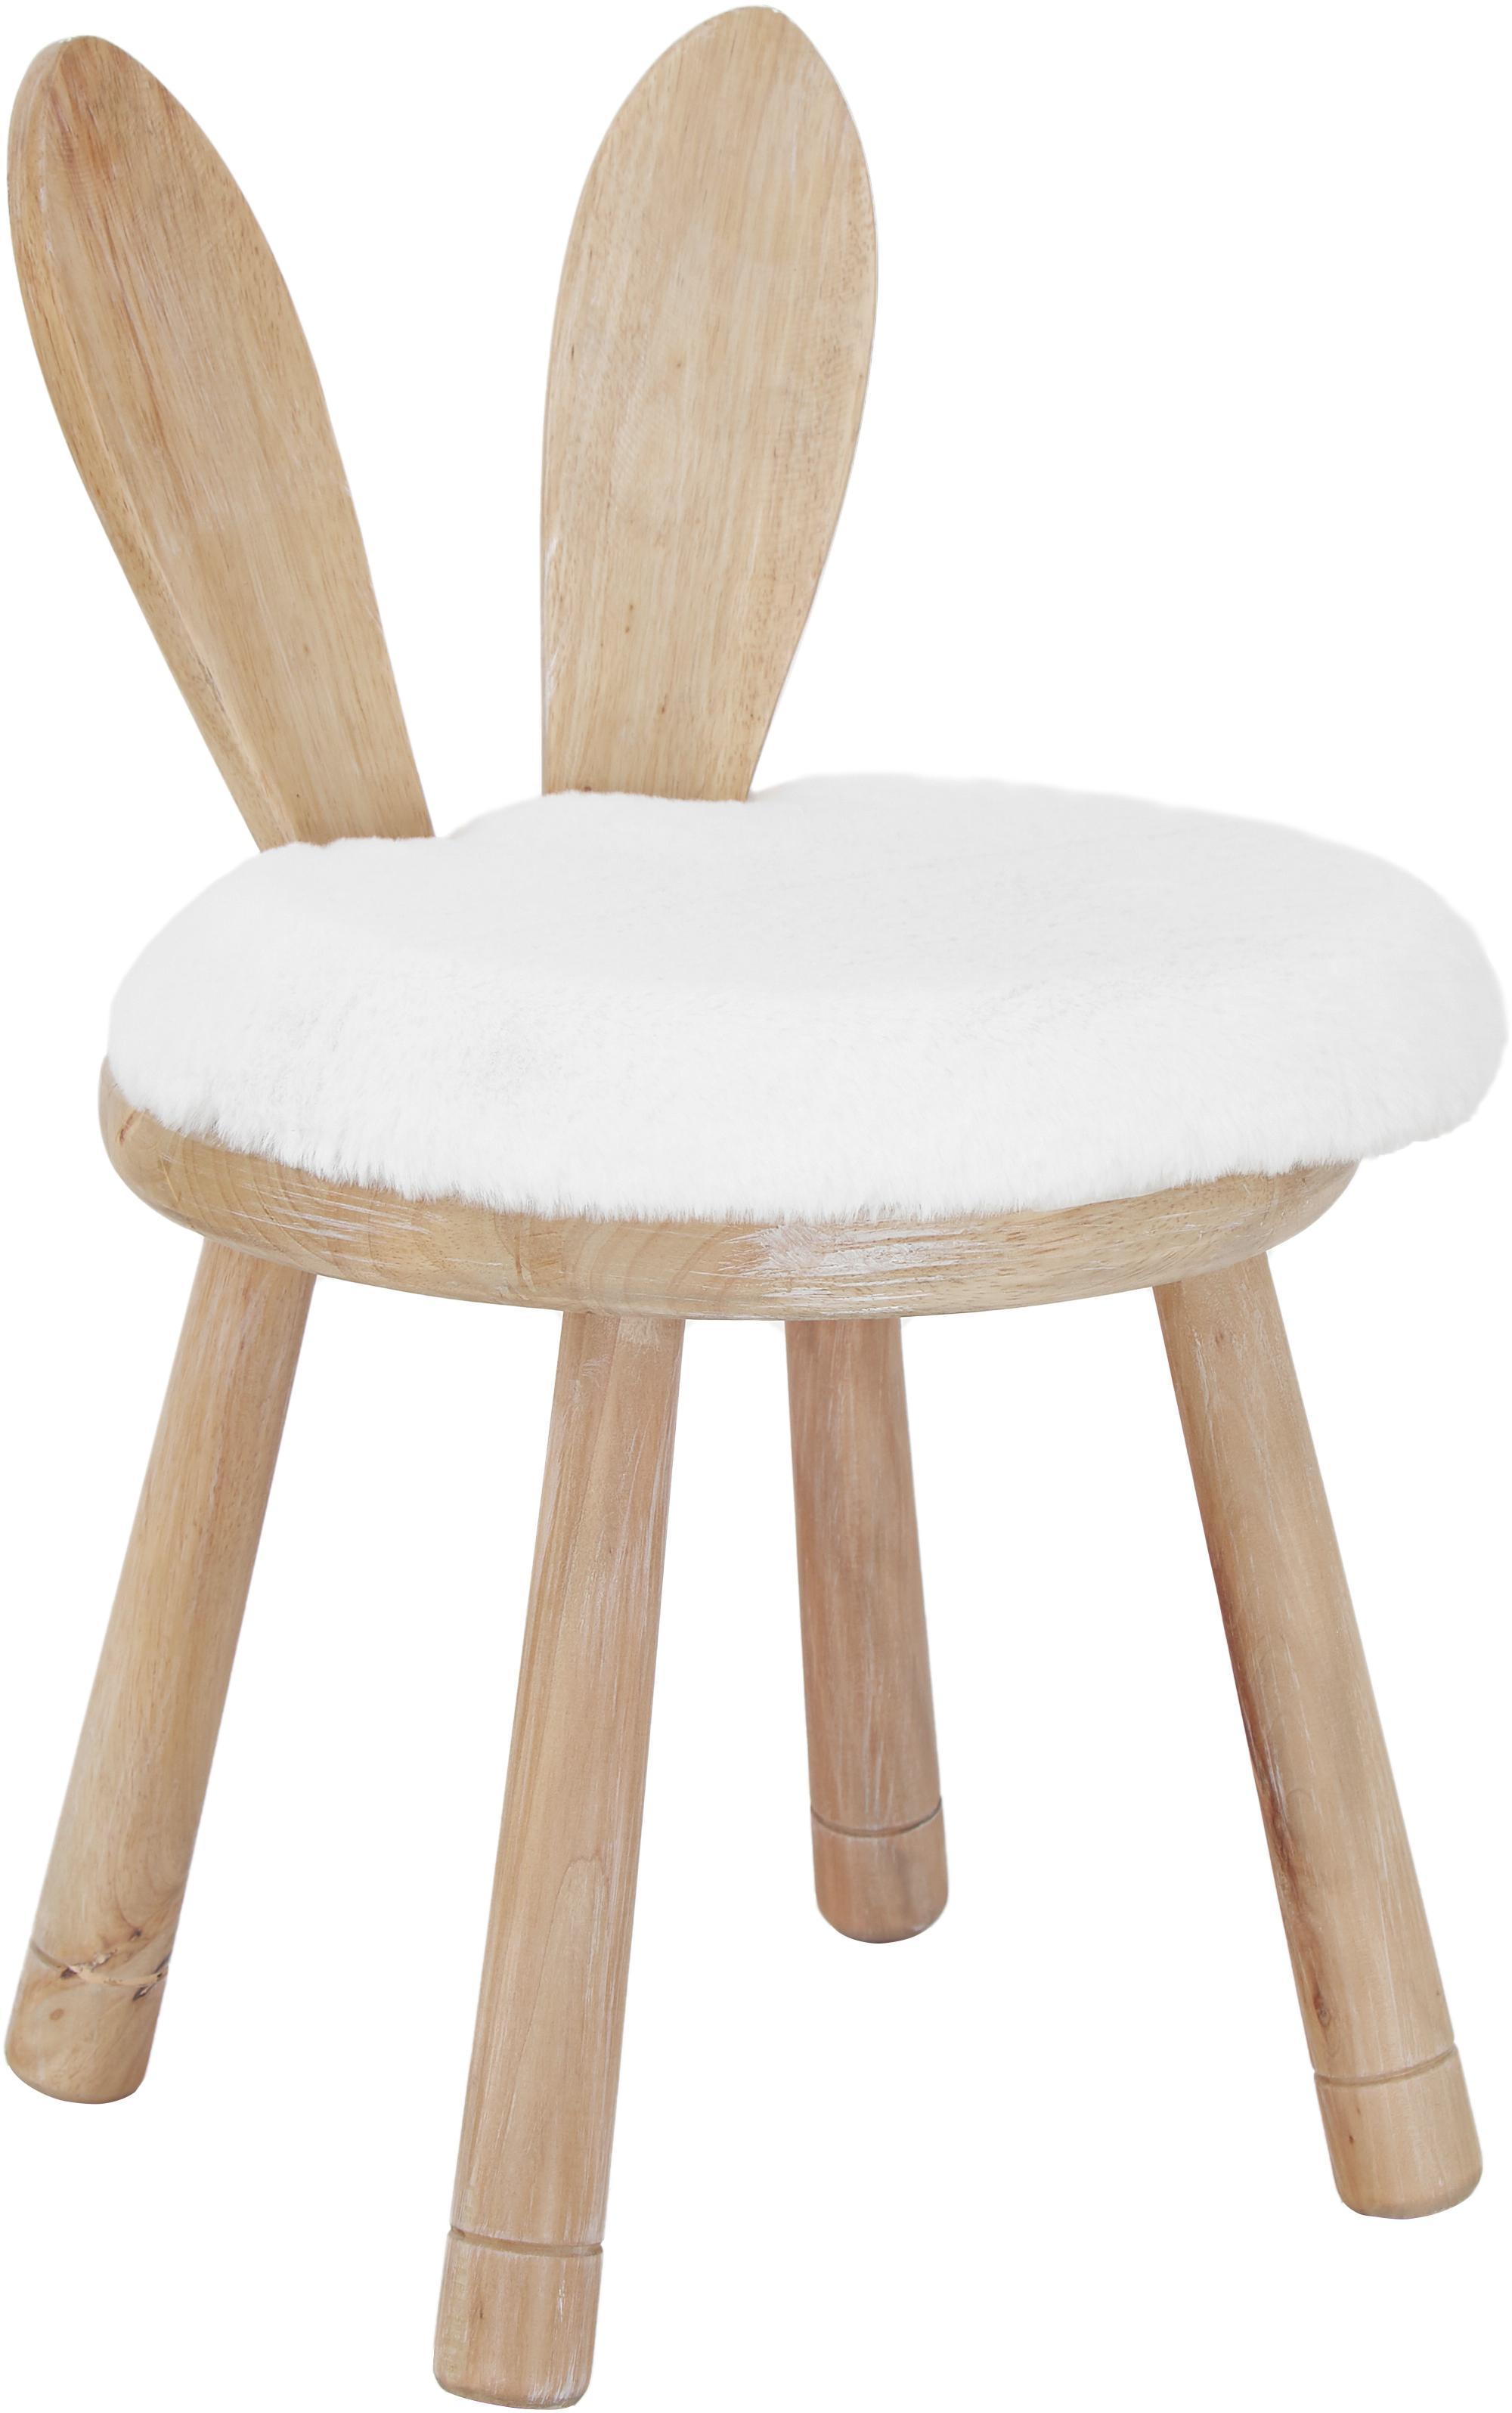 Sedia per bambini coniglietto Bunny, Caucciù, crema, Larg. 34 x Alt. 55 cm